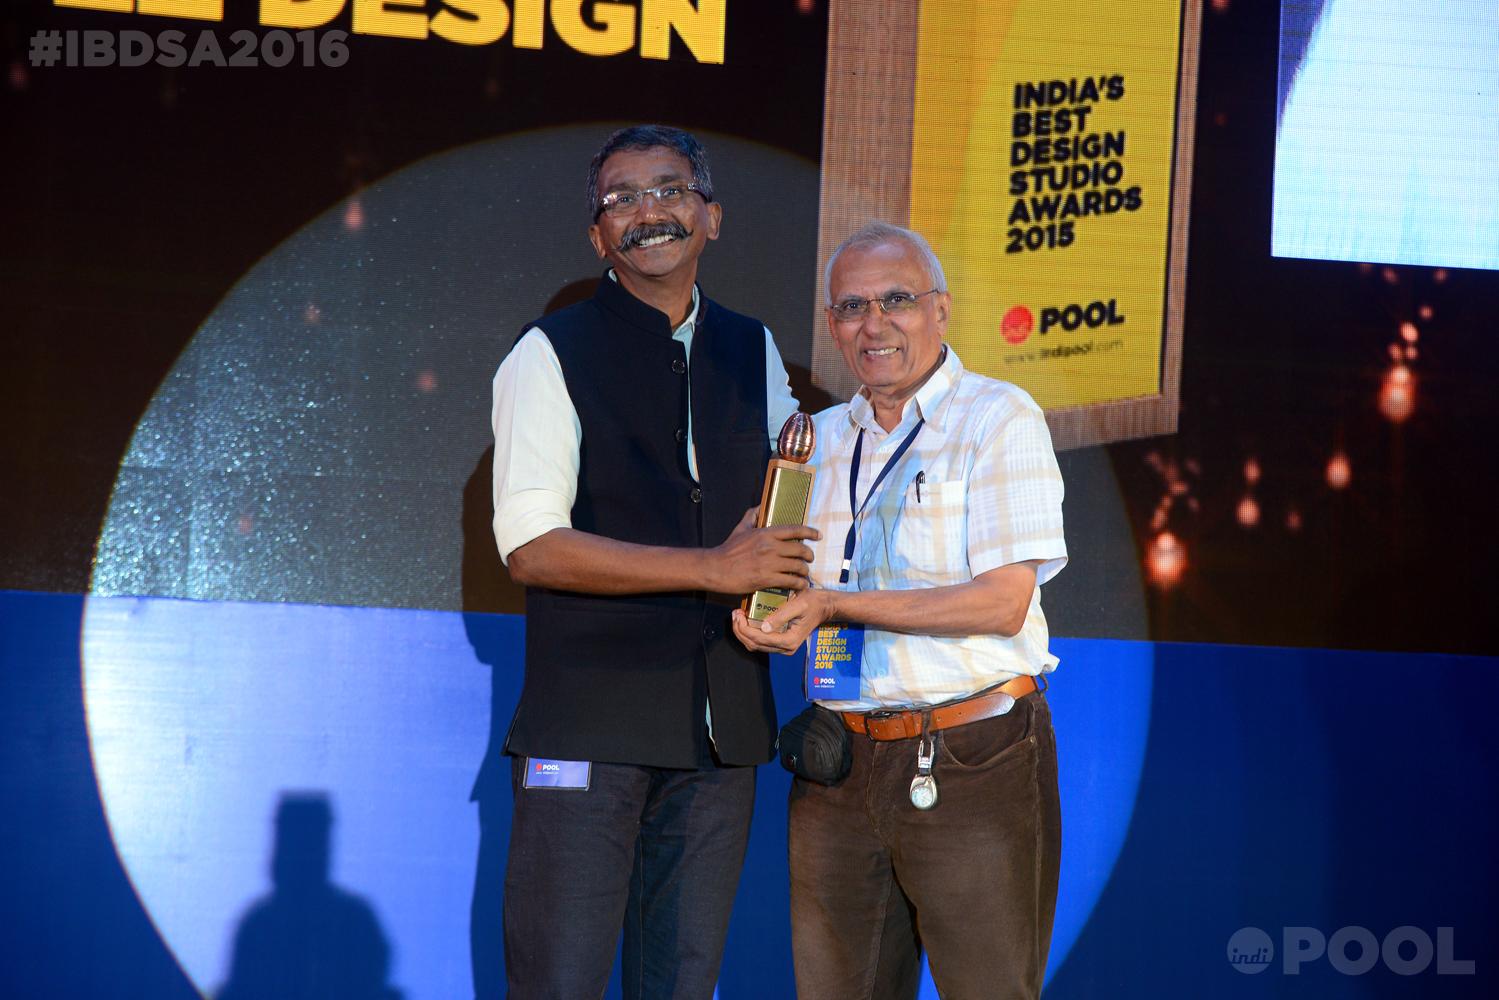 India's Best Brand Design Studio 2015 - Lopez Design